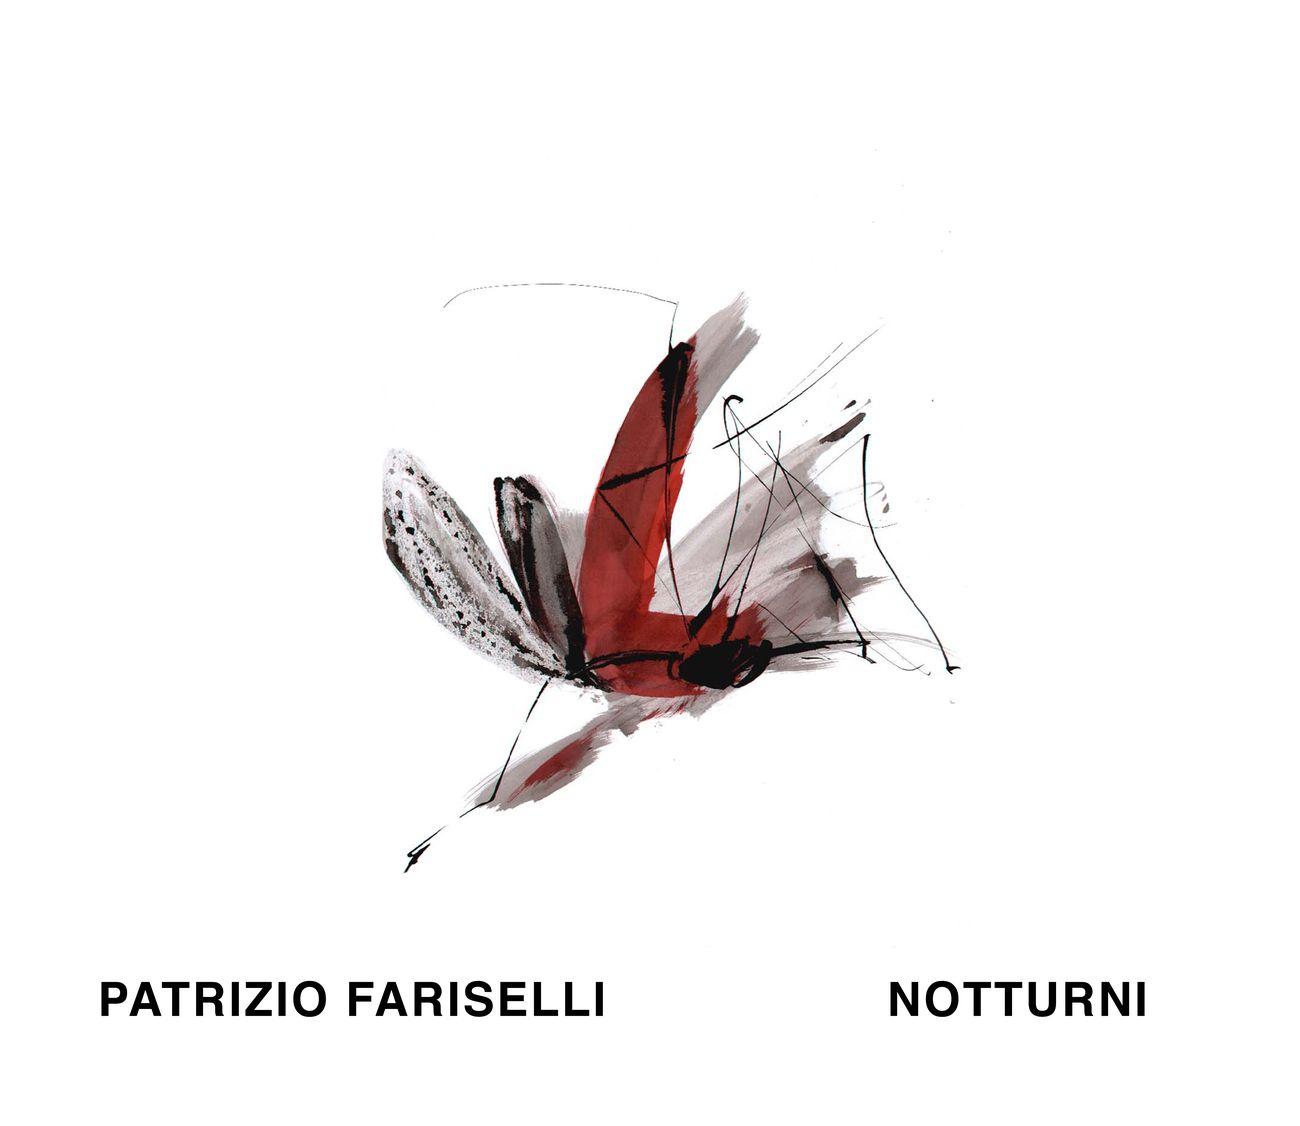 Patrizio Fariselli, Notturni, Curved Light (2007)